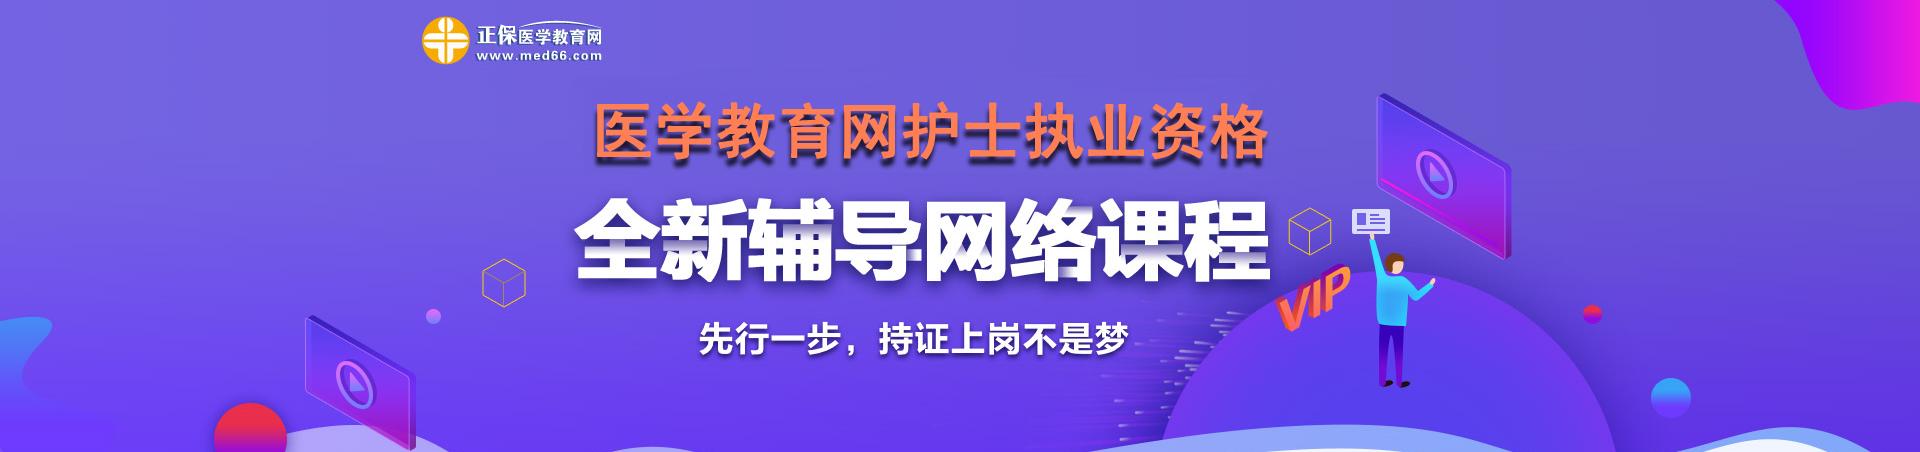 杭州外科主治医师培训